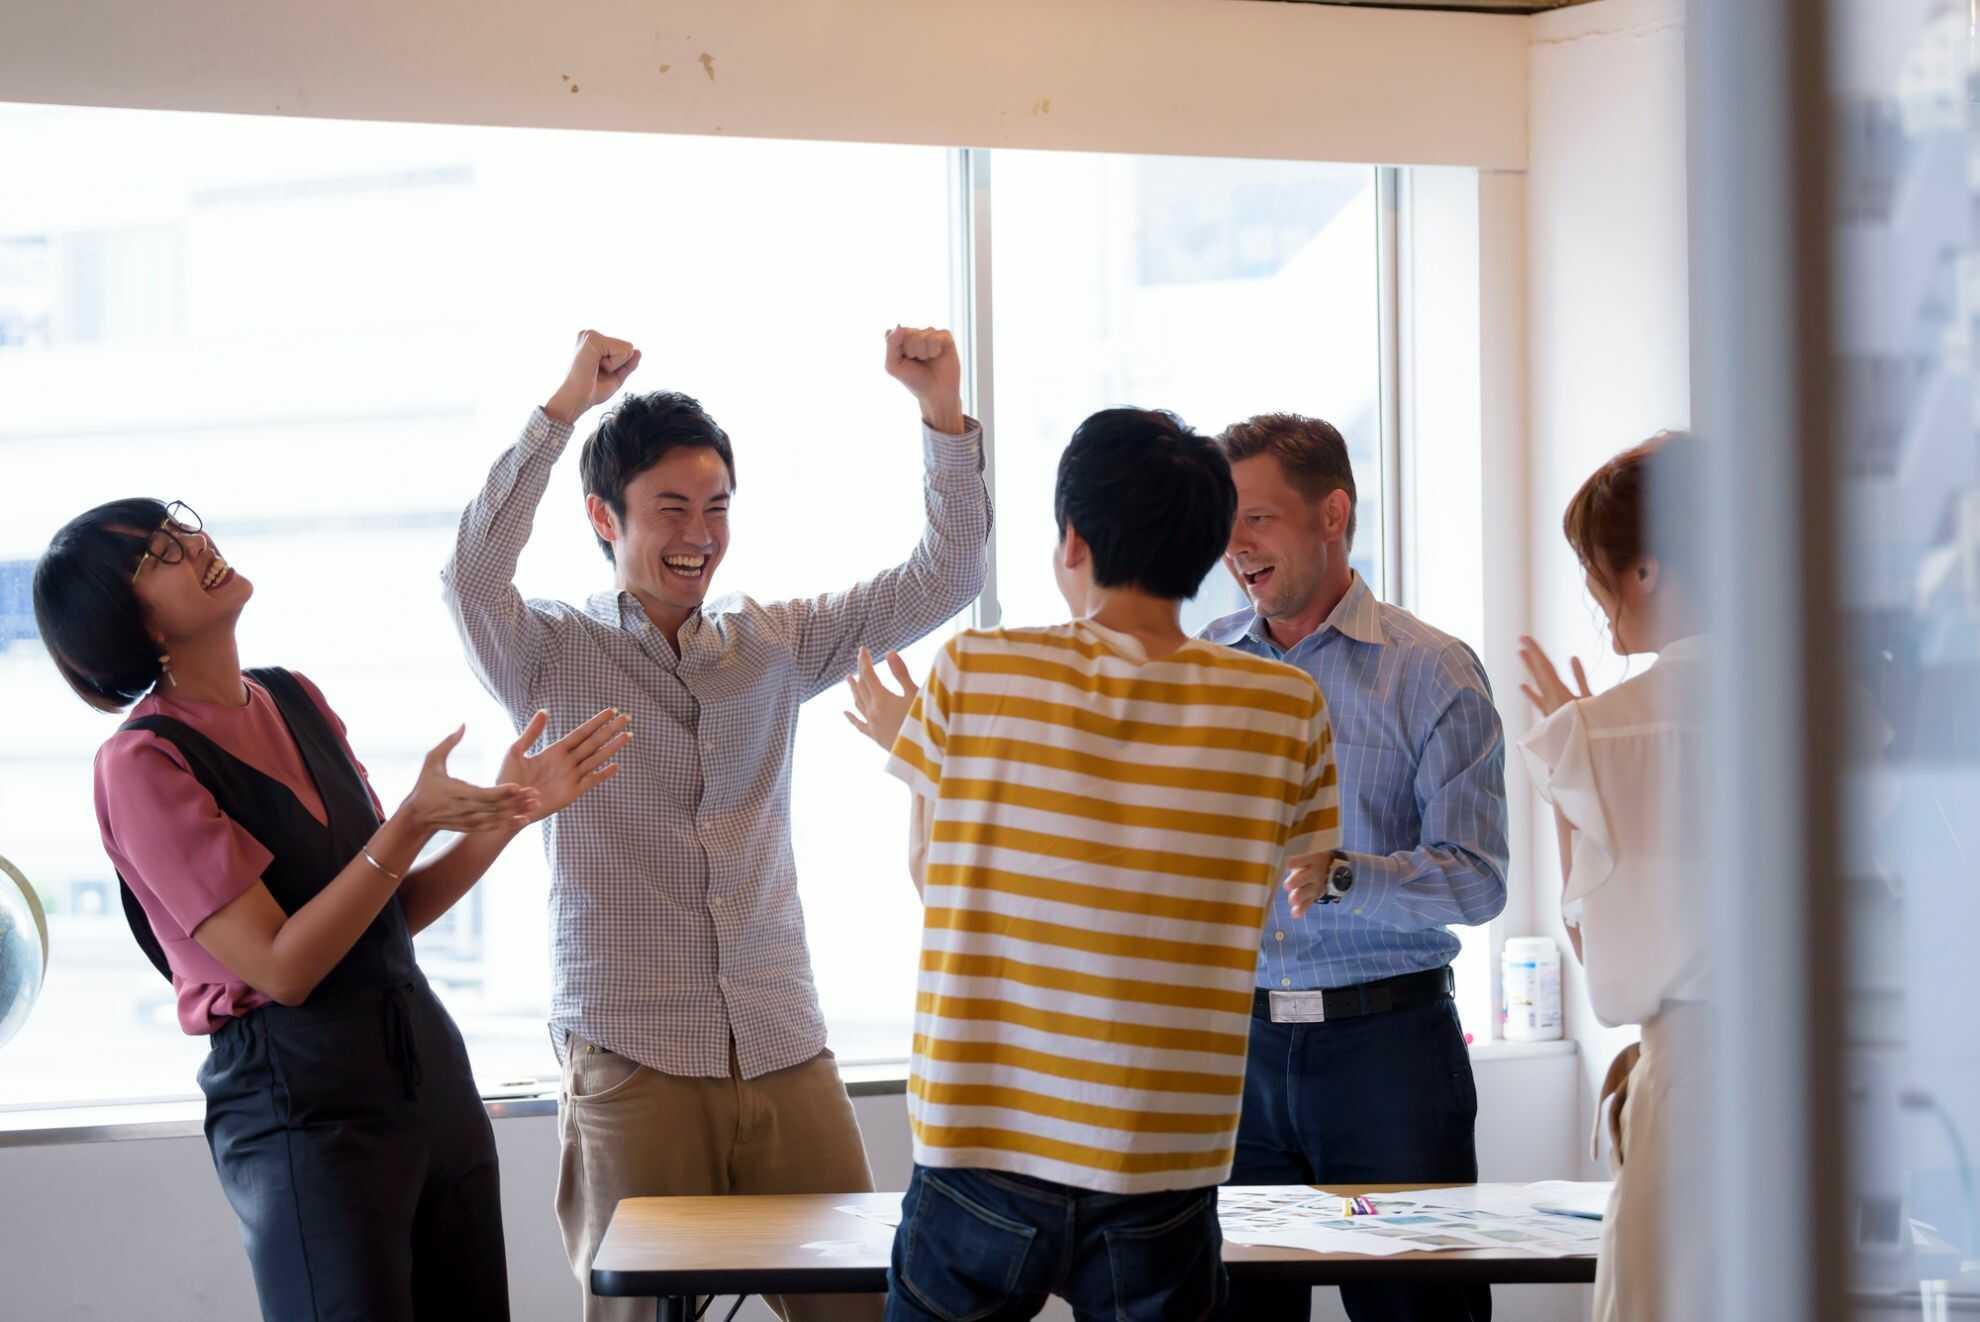 ガッツポーズをする男性を始め喜んでいる人たち